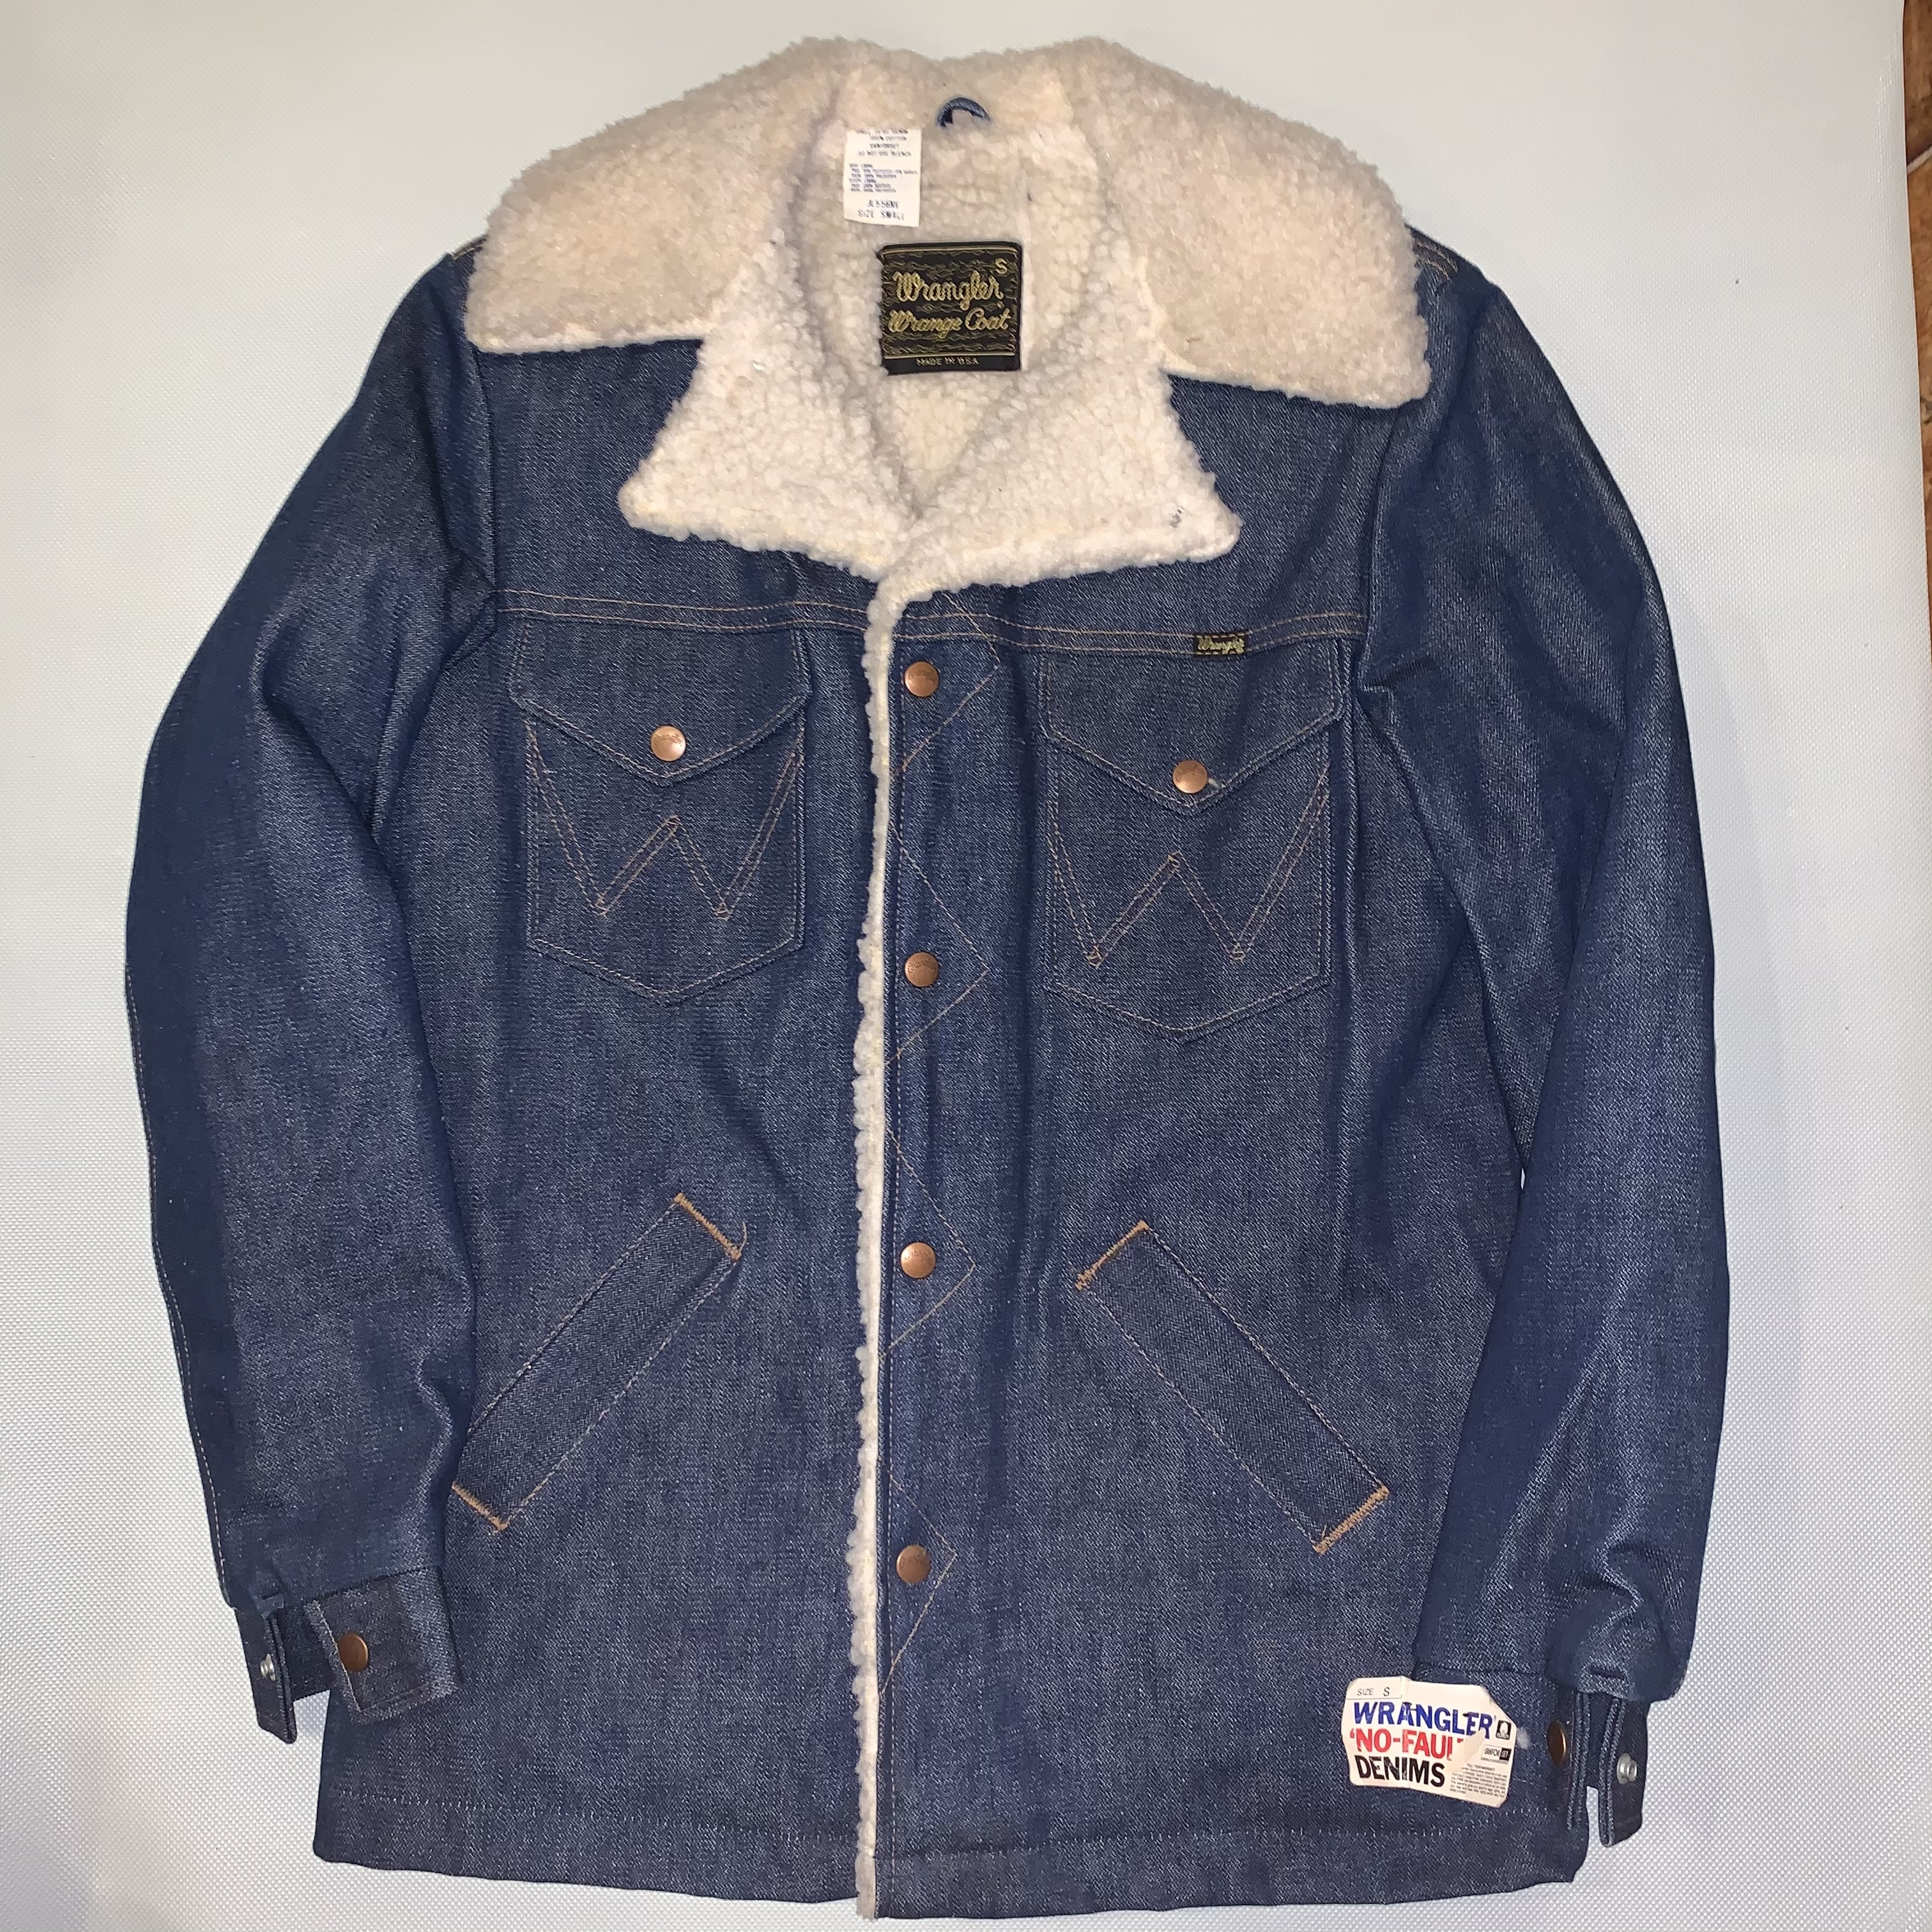 Wrangler Wrange coat ランチコートJL556NV / Denim S-l  70-80's Dead stock  #110